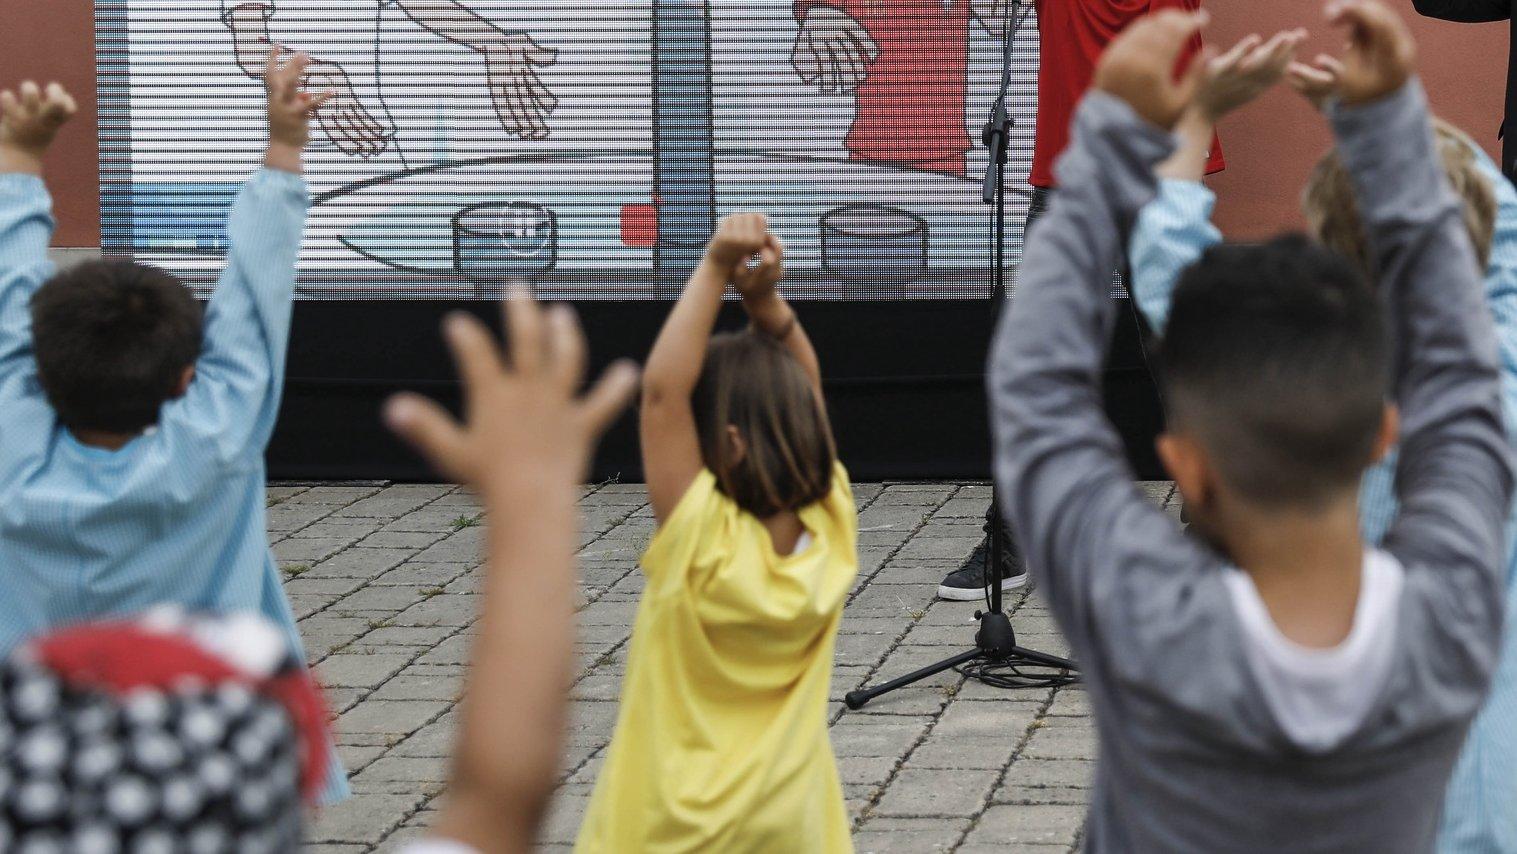 O ministro da Educação, Tiago Brandão Rodrigues (D), durante a visita à Escola Básica com Jardim de Infância José Cardoso Pires, no dia em que as crianças da educação pré-escolar retomam as atividades presencias, com novas regras, depois de encerradas durante mais de dois meses, devido à pandemia da covid-19, em Almada, 01 de junho de 2020. RODRIGO ANTUNES/LUSA